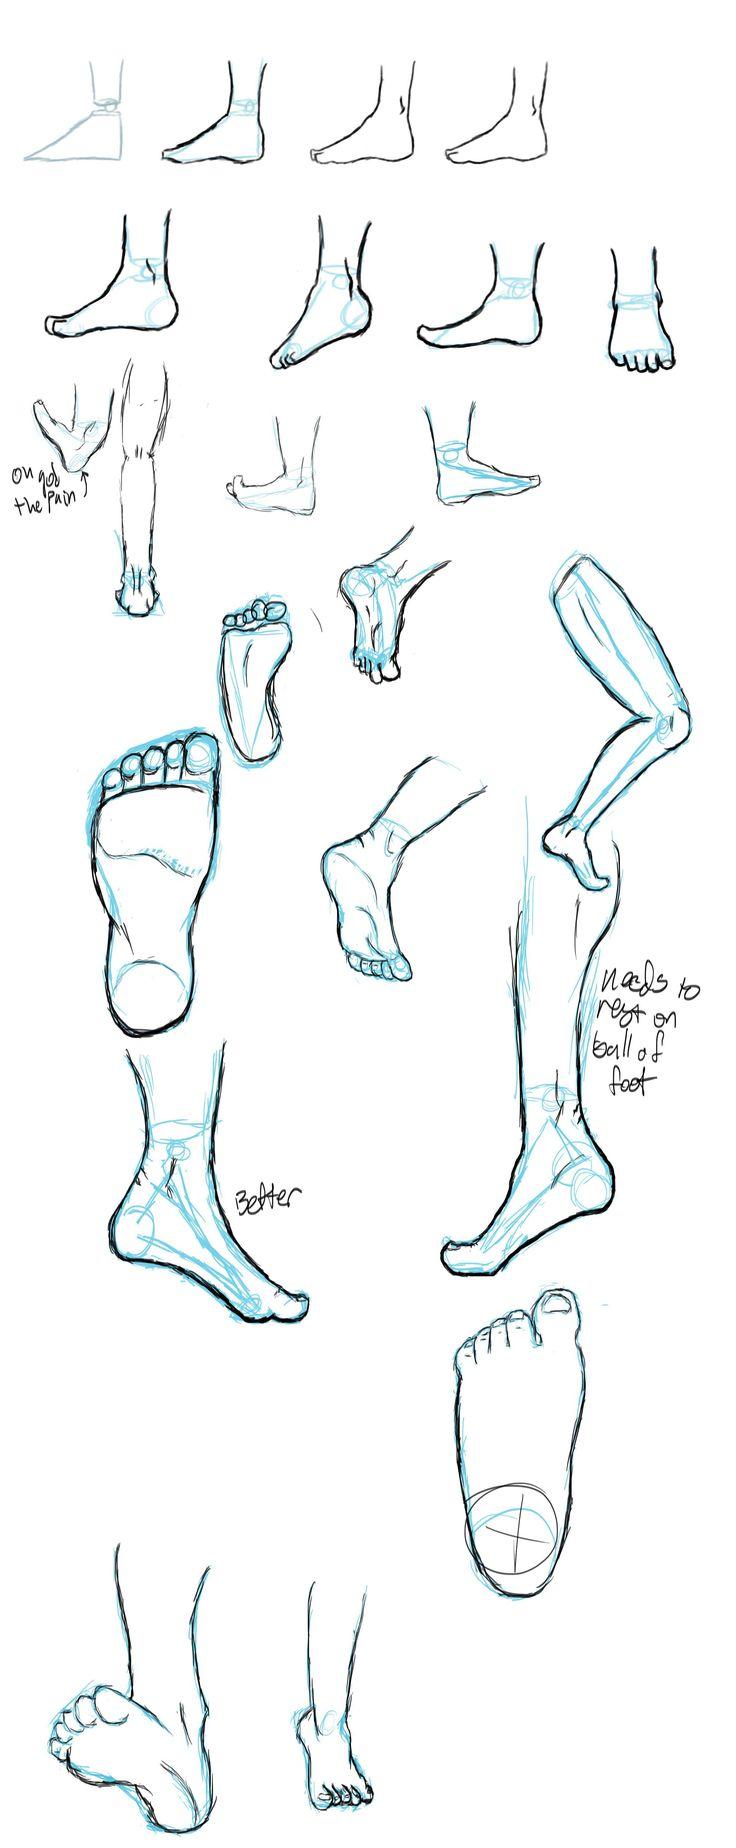 Cómo dibujar pies                                                                                                                                                                                 Más